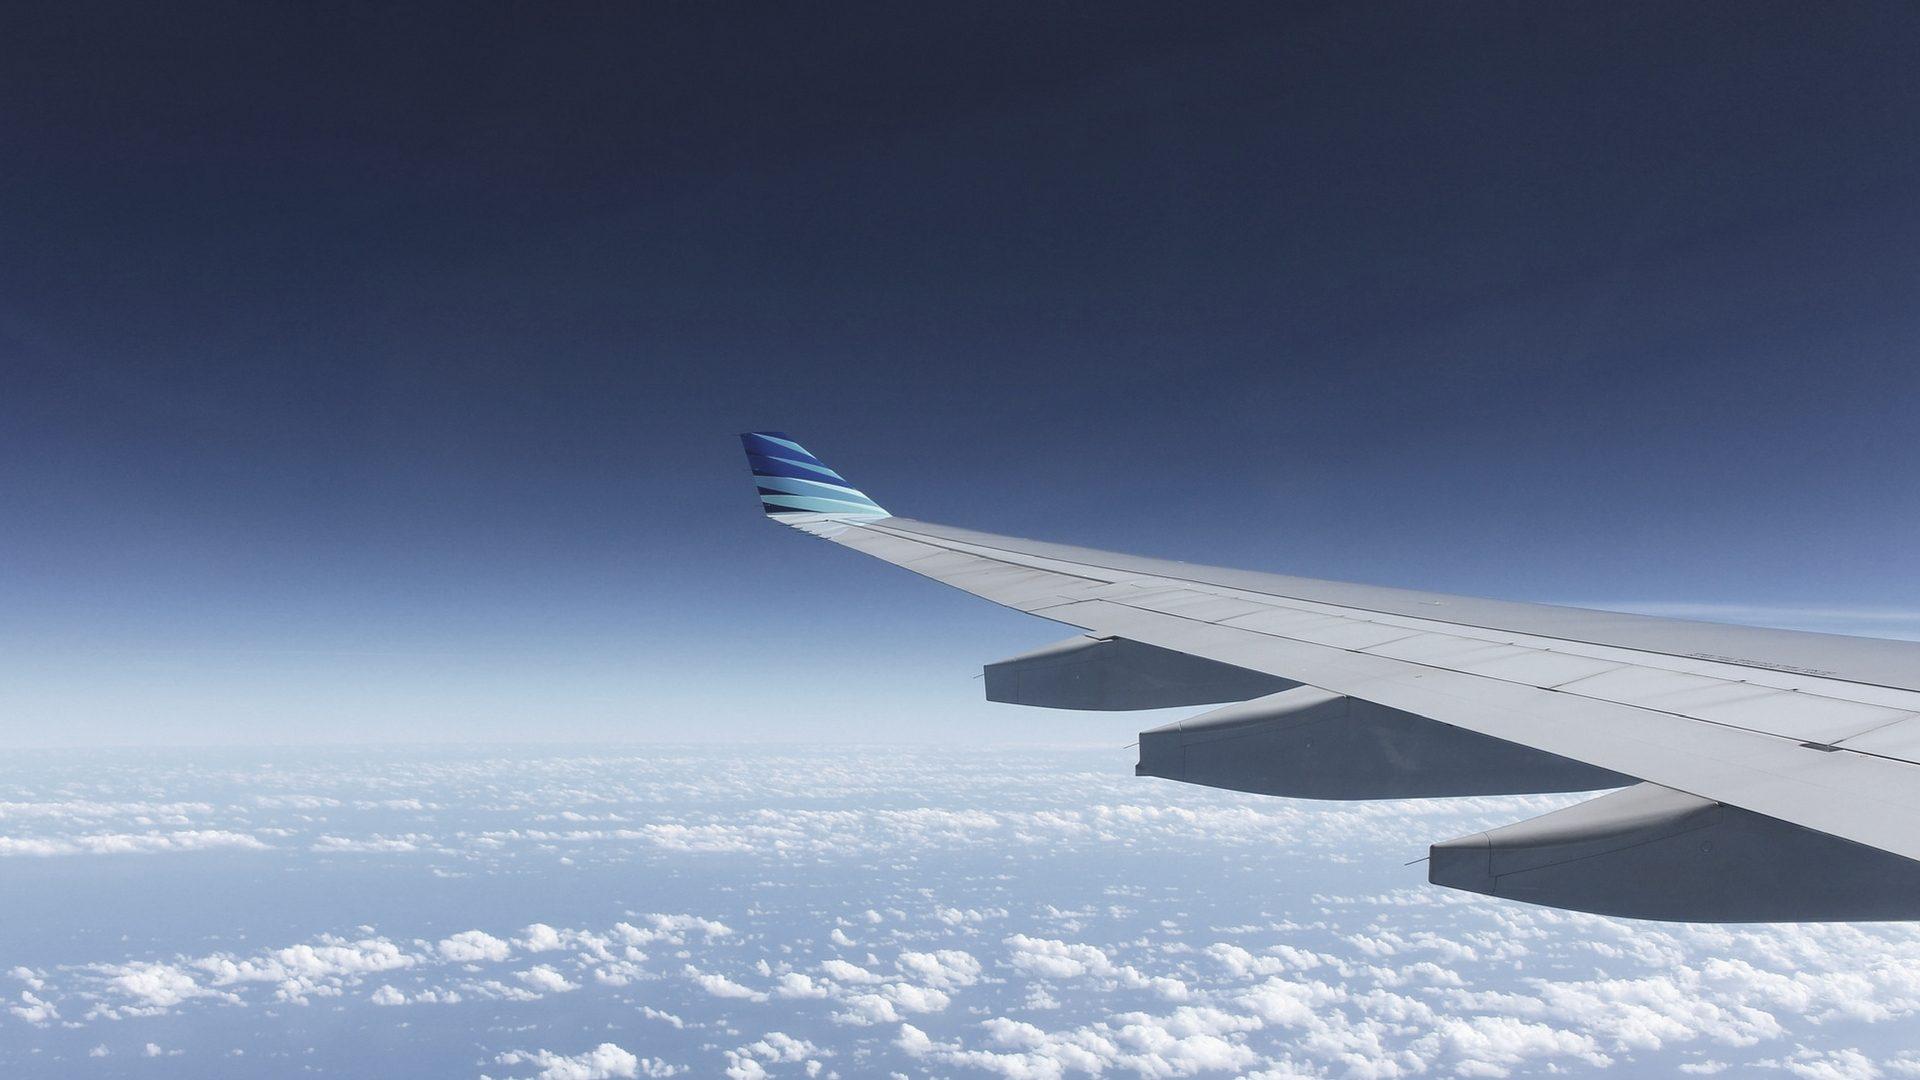 vliegen amsterdam costa rica rechtstreeks